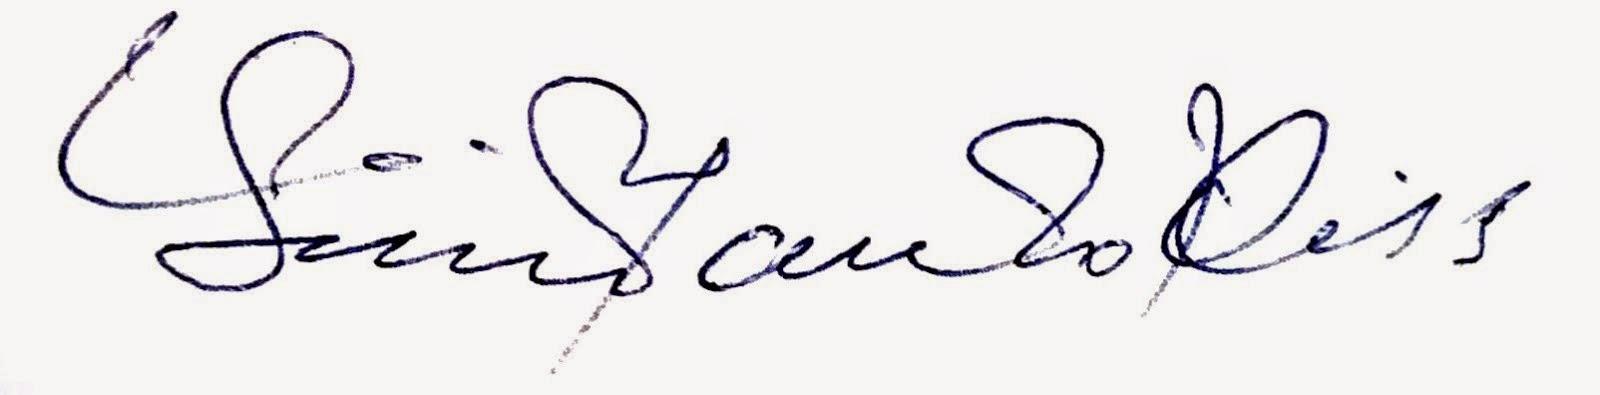 Autografado